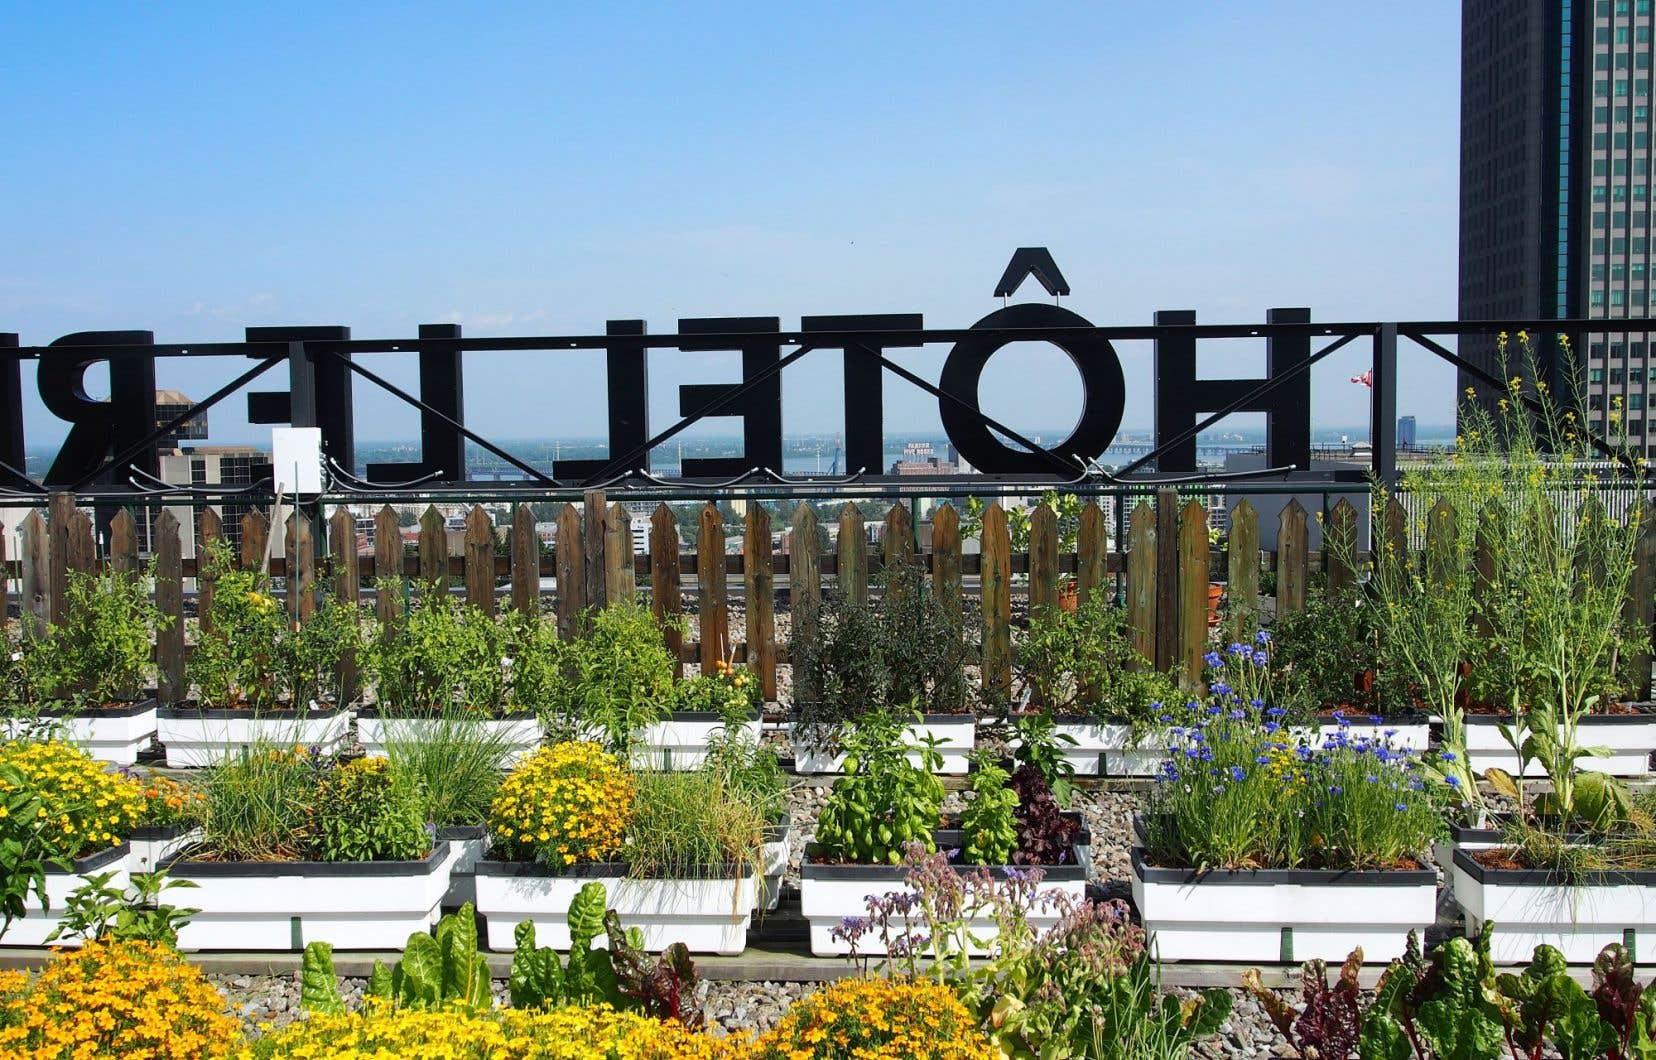 Pour répondre à l'objectif de réduire l'impact sur l'environnement de la chaîne des Hôtels Fairmont, l'hôtel Reine Elizabeth a choisi la production de légumes sur le toit.